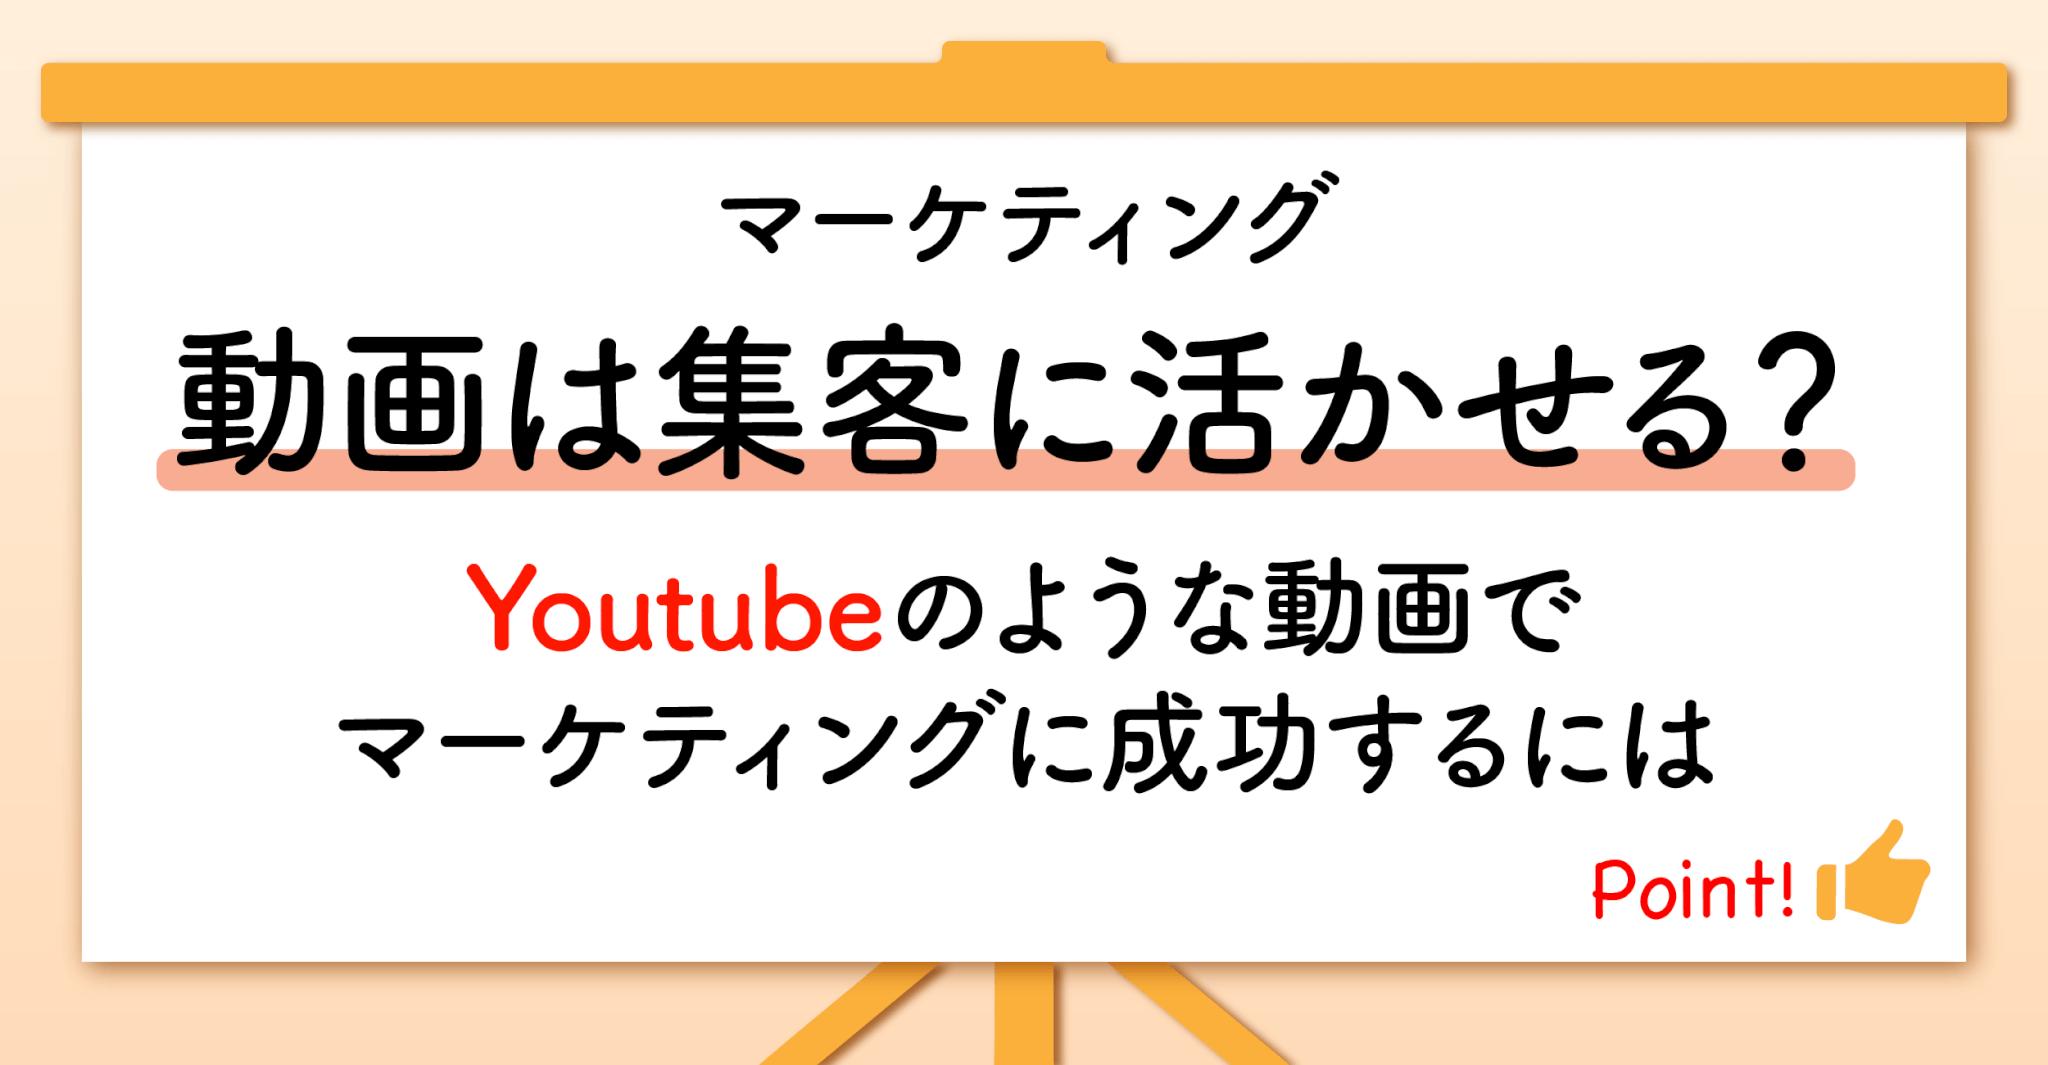 (仮題)動画は集客に活かせる? Youtubeのような動画でマーケティングに成功するには